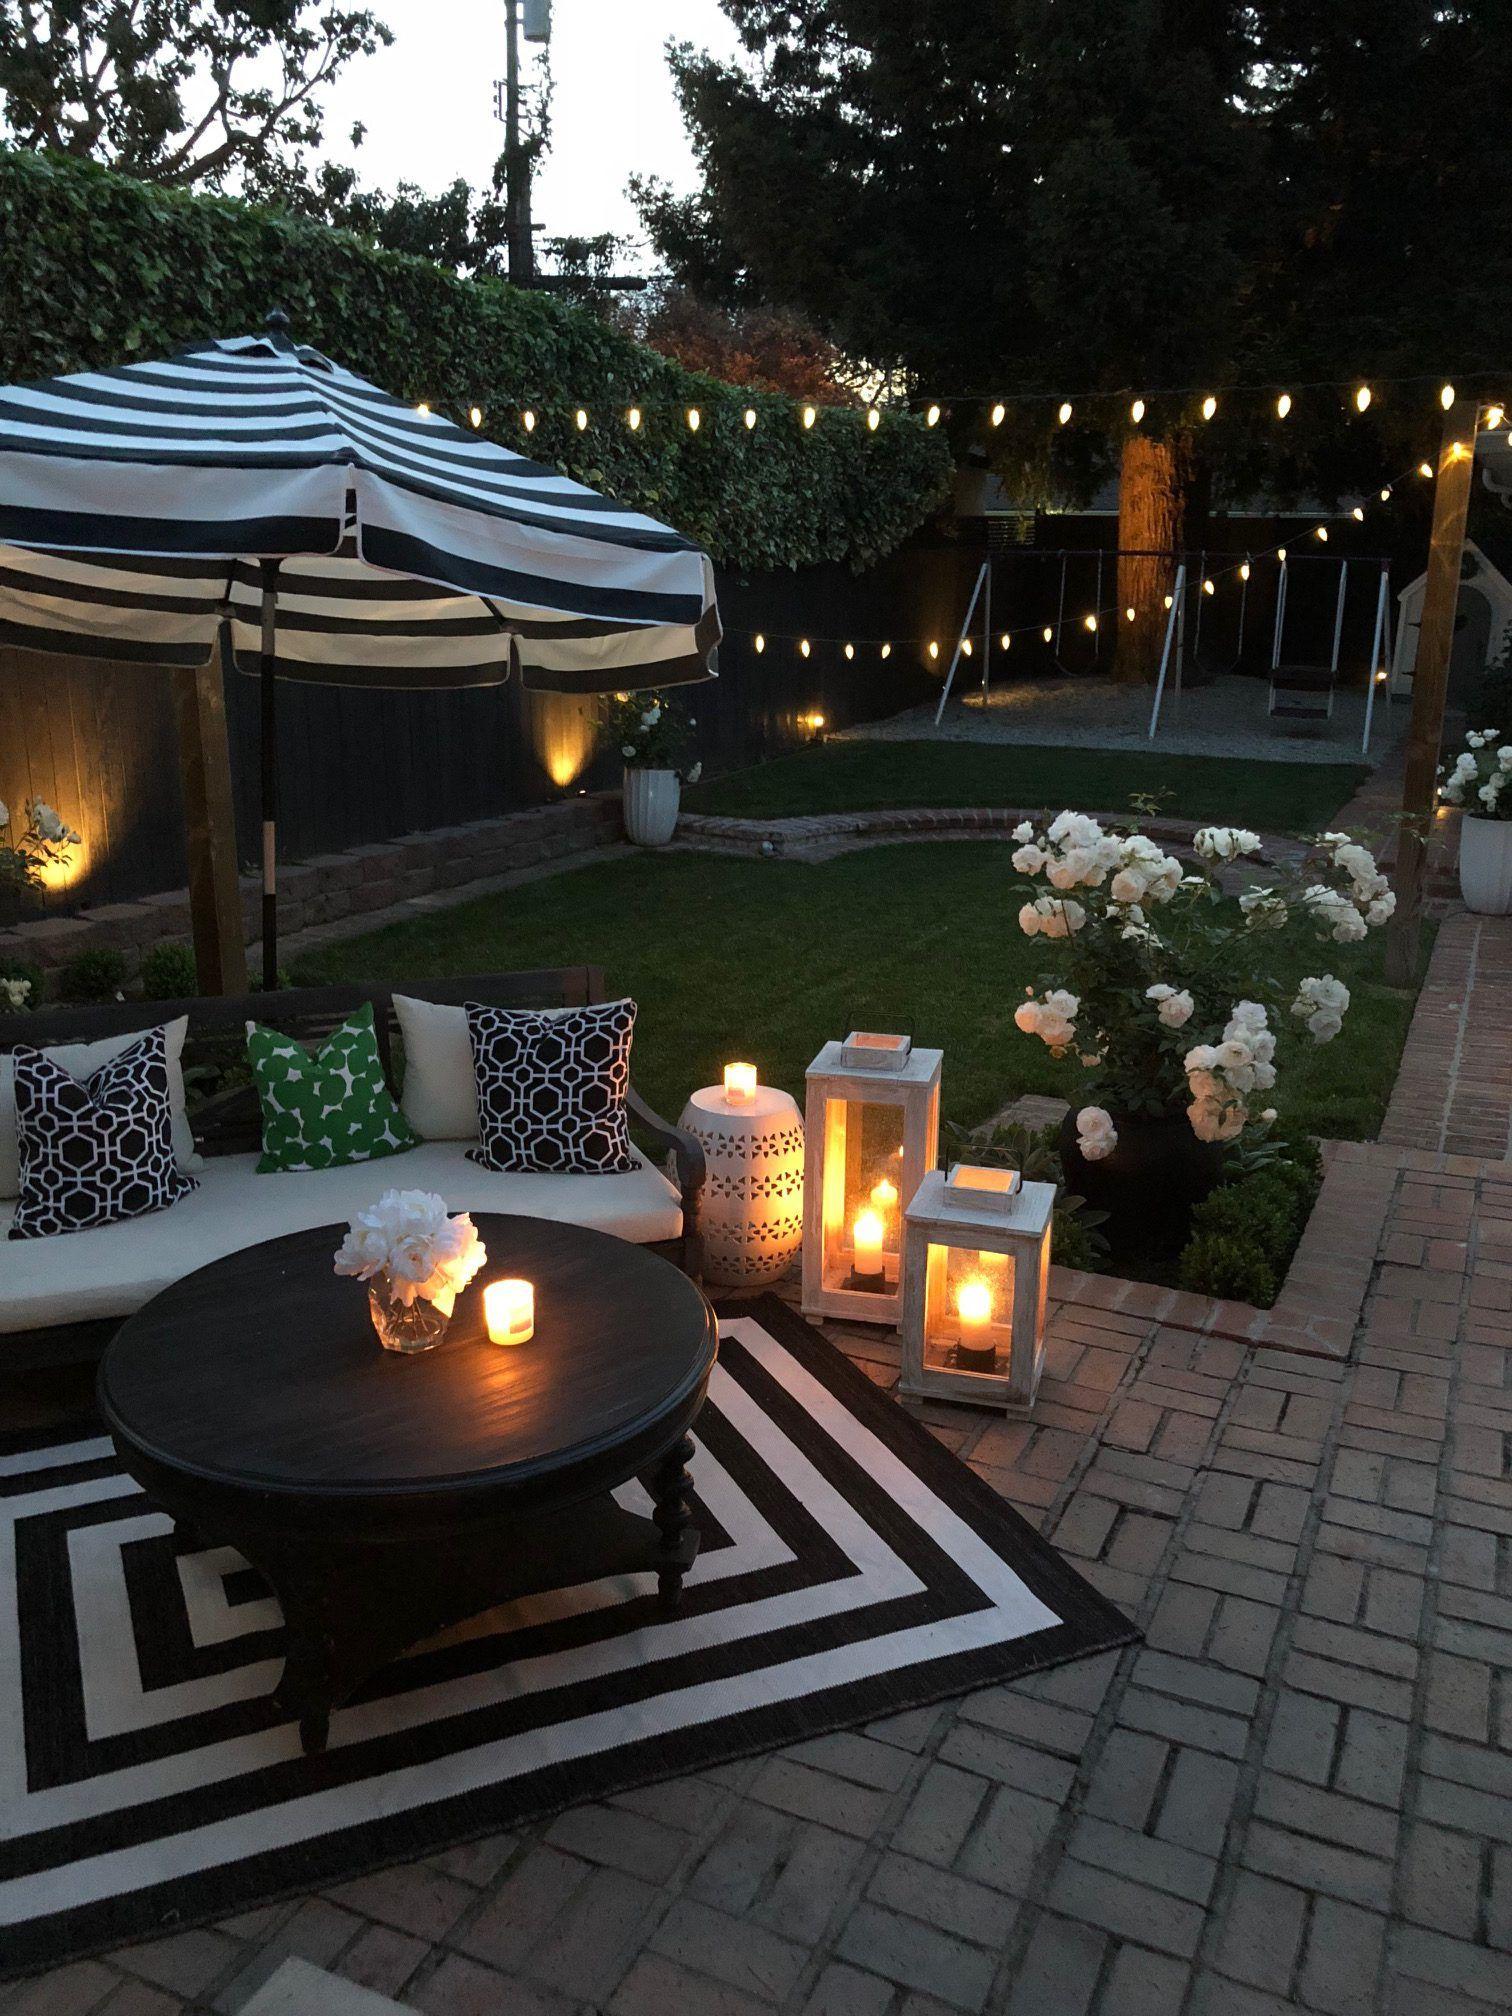 Welcome To My Spring Garden Crazy Chic Design Patio Garden Ideas On A Budget Backyard Decor Small Backyard Patio